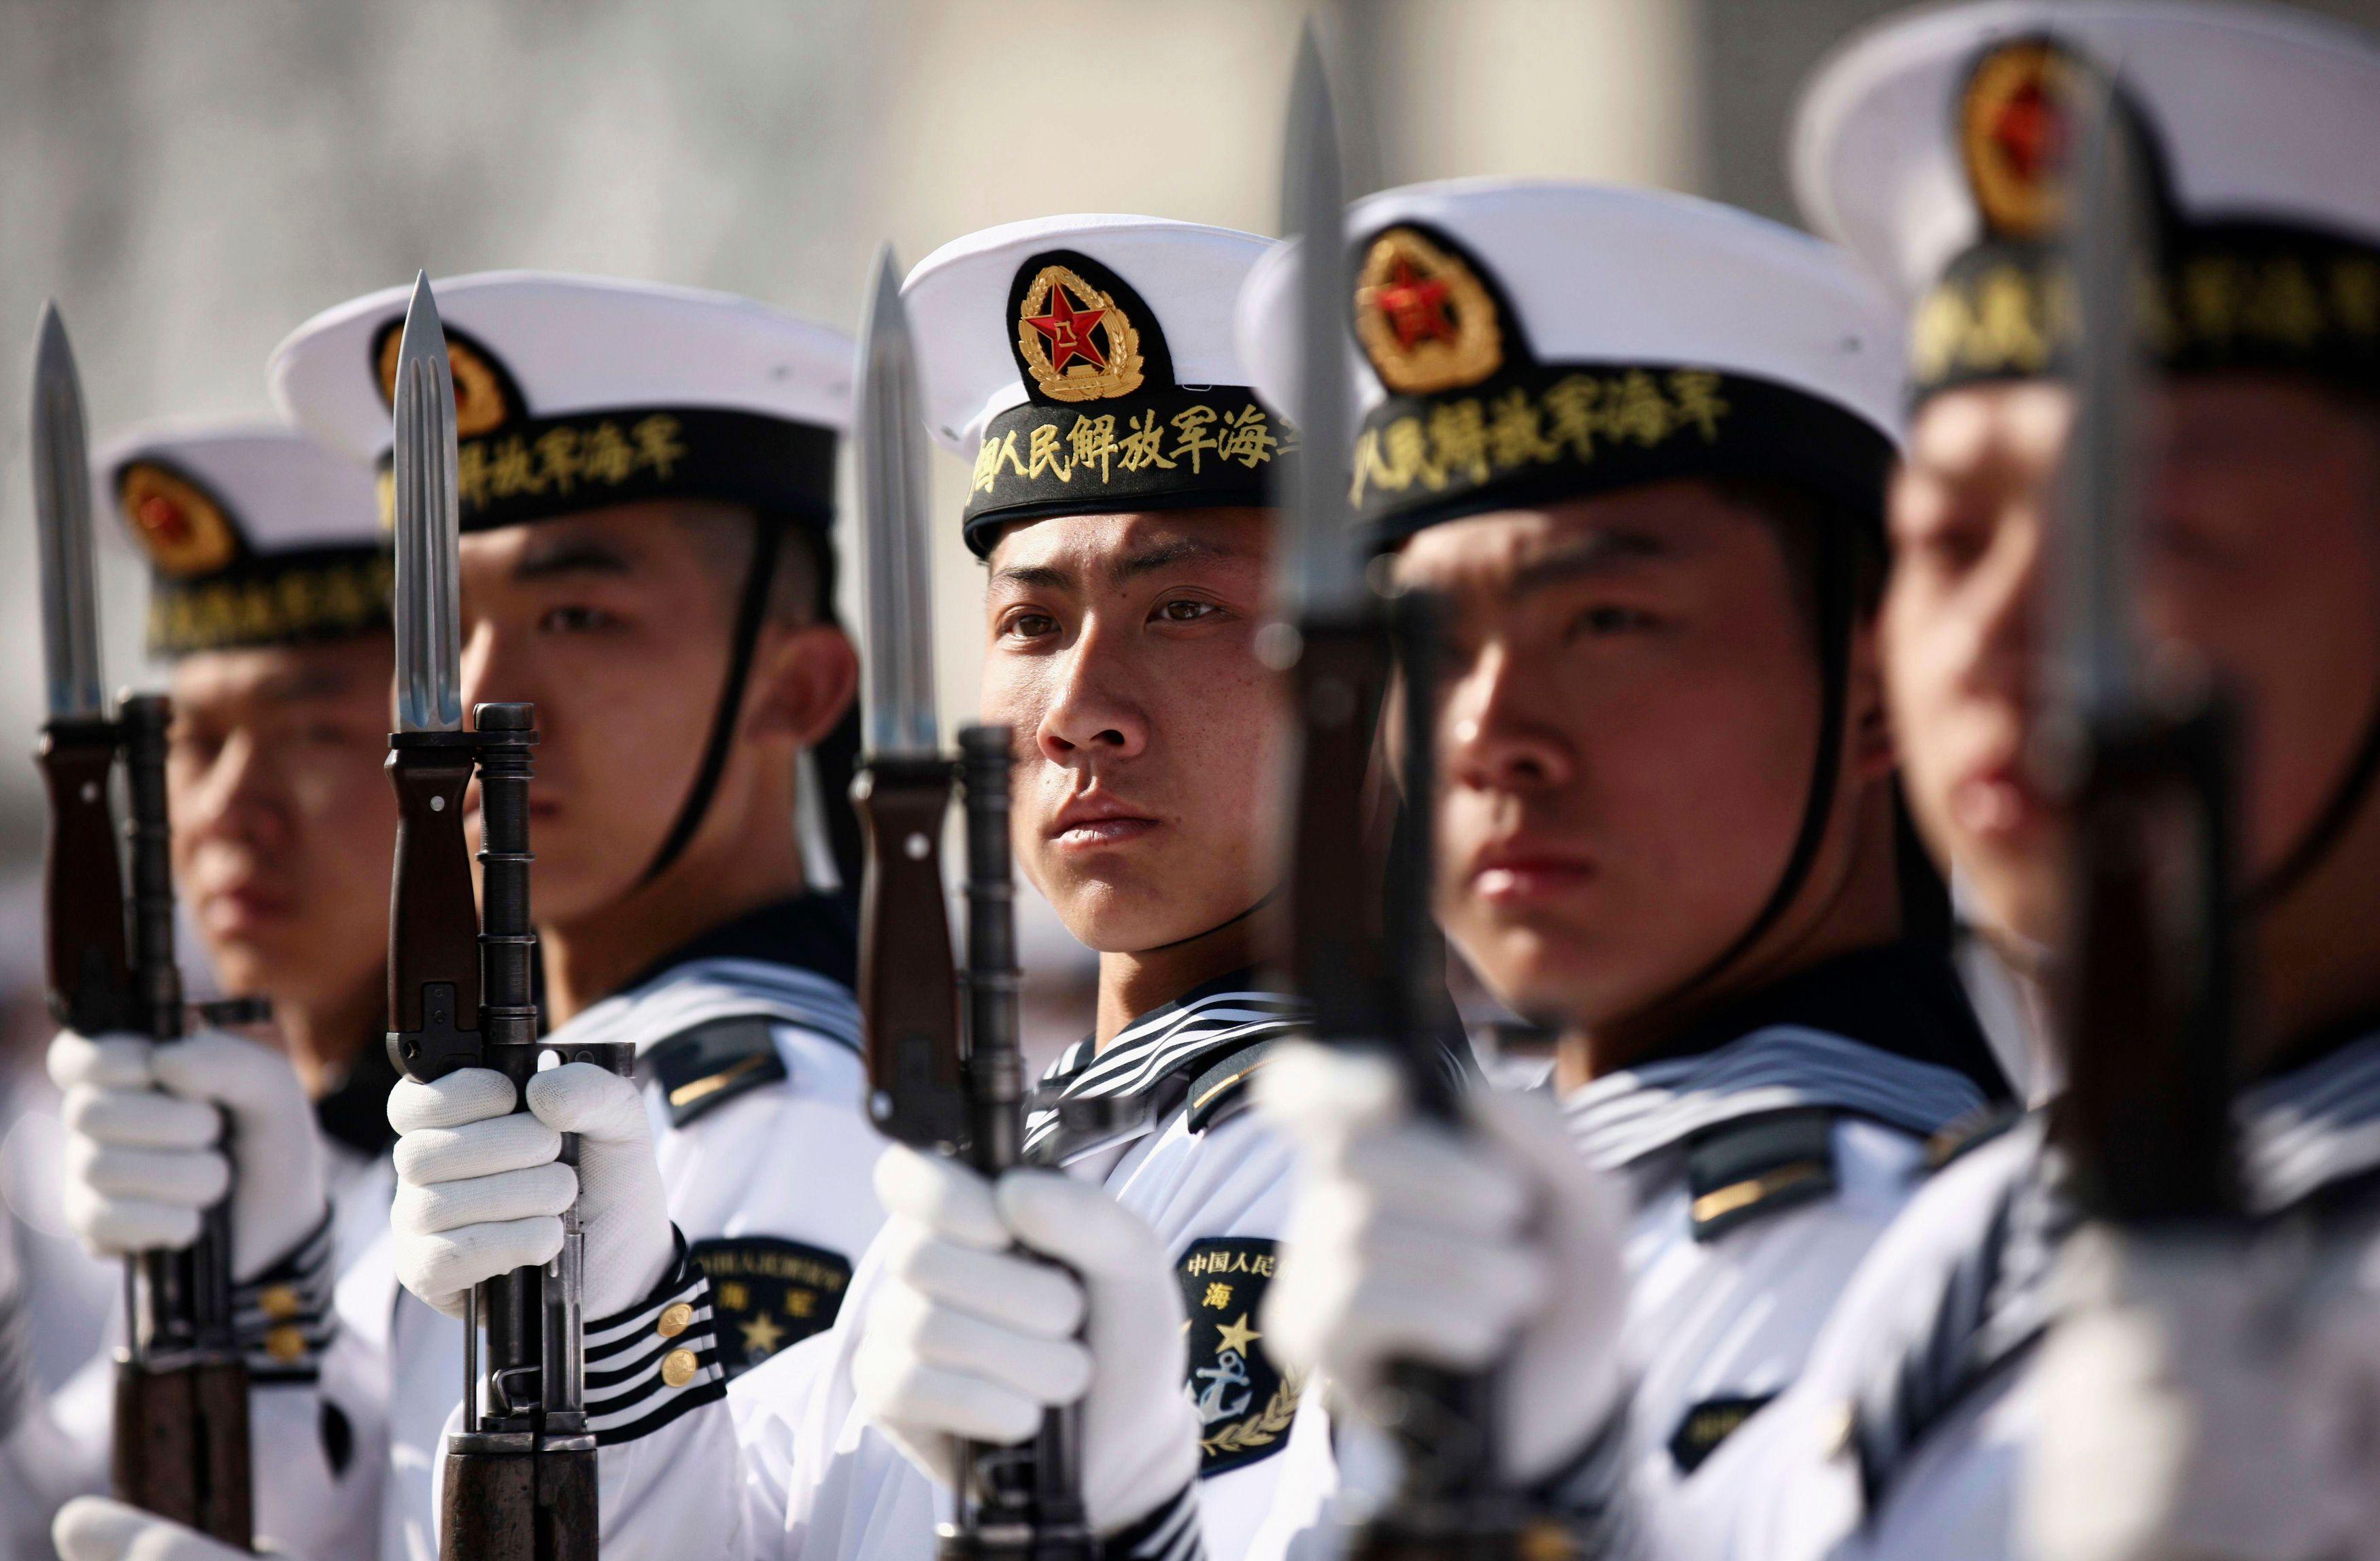 Des marins de l'armée chinoise.